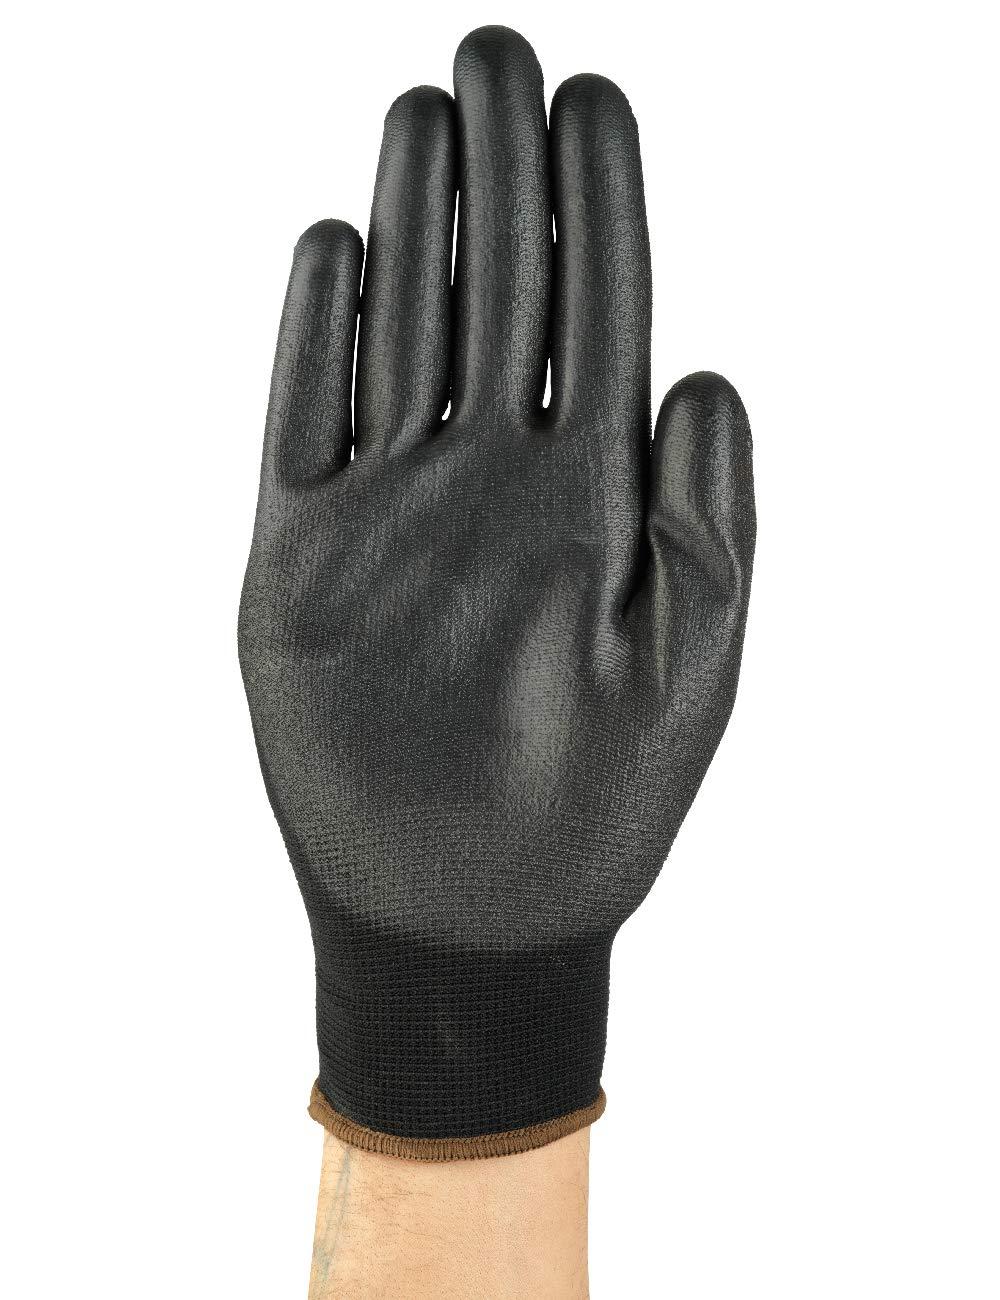 Ansell HyFlex 48-101 Arbeitshandschuhe in Nylon Schwarz Gr/ö/ße 6 Vielseitig Einsetzbarer Abriebfester Industrie- und Mechanik-Handschuh 12 Paar